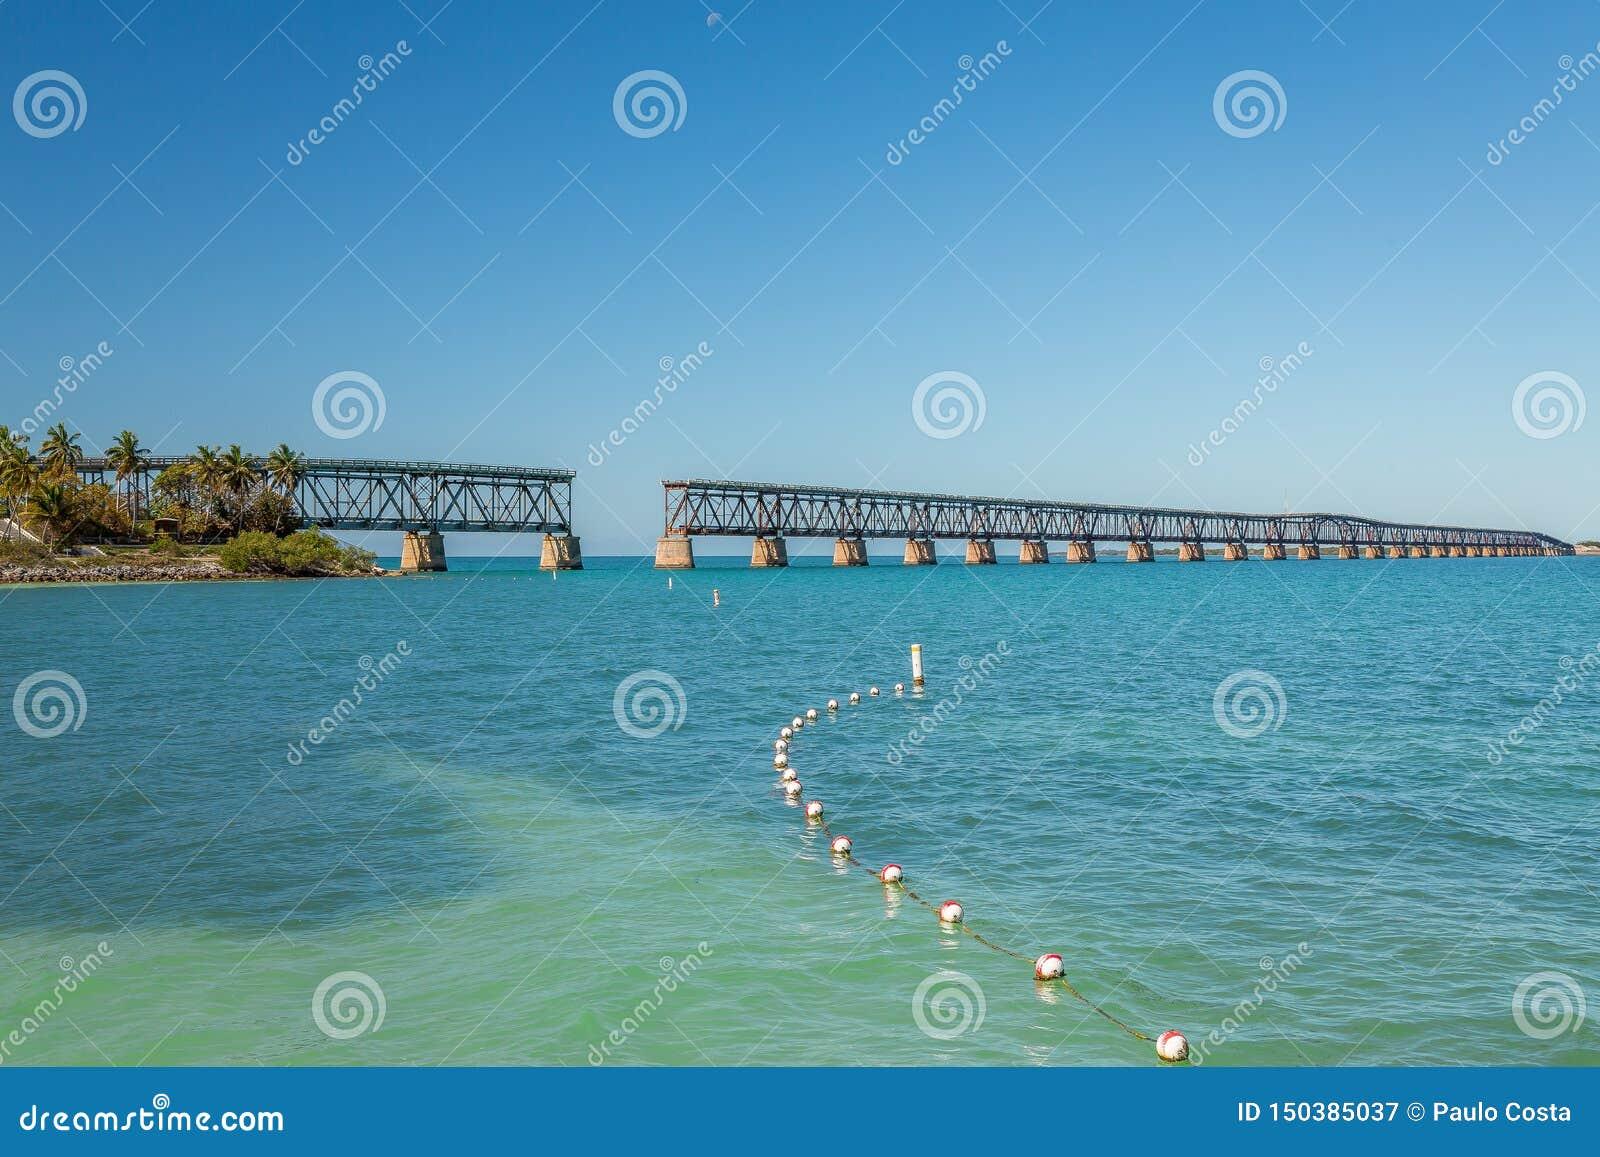 Bahia Honda State Park ? um parque estadual com uma praia p?blica aberta